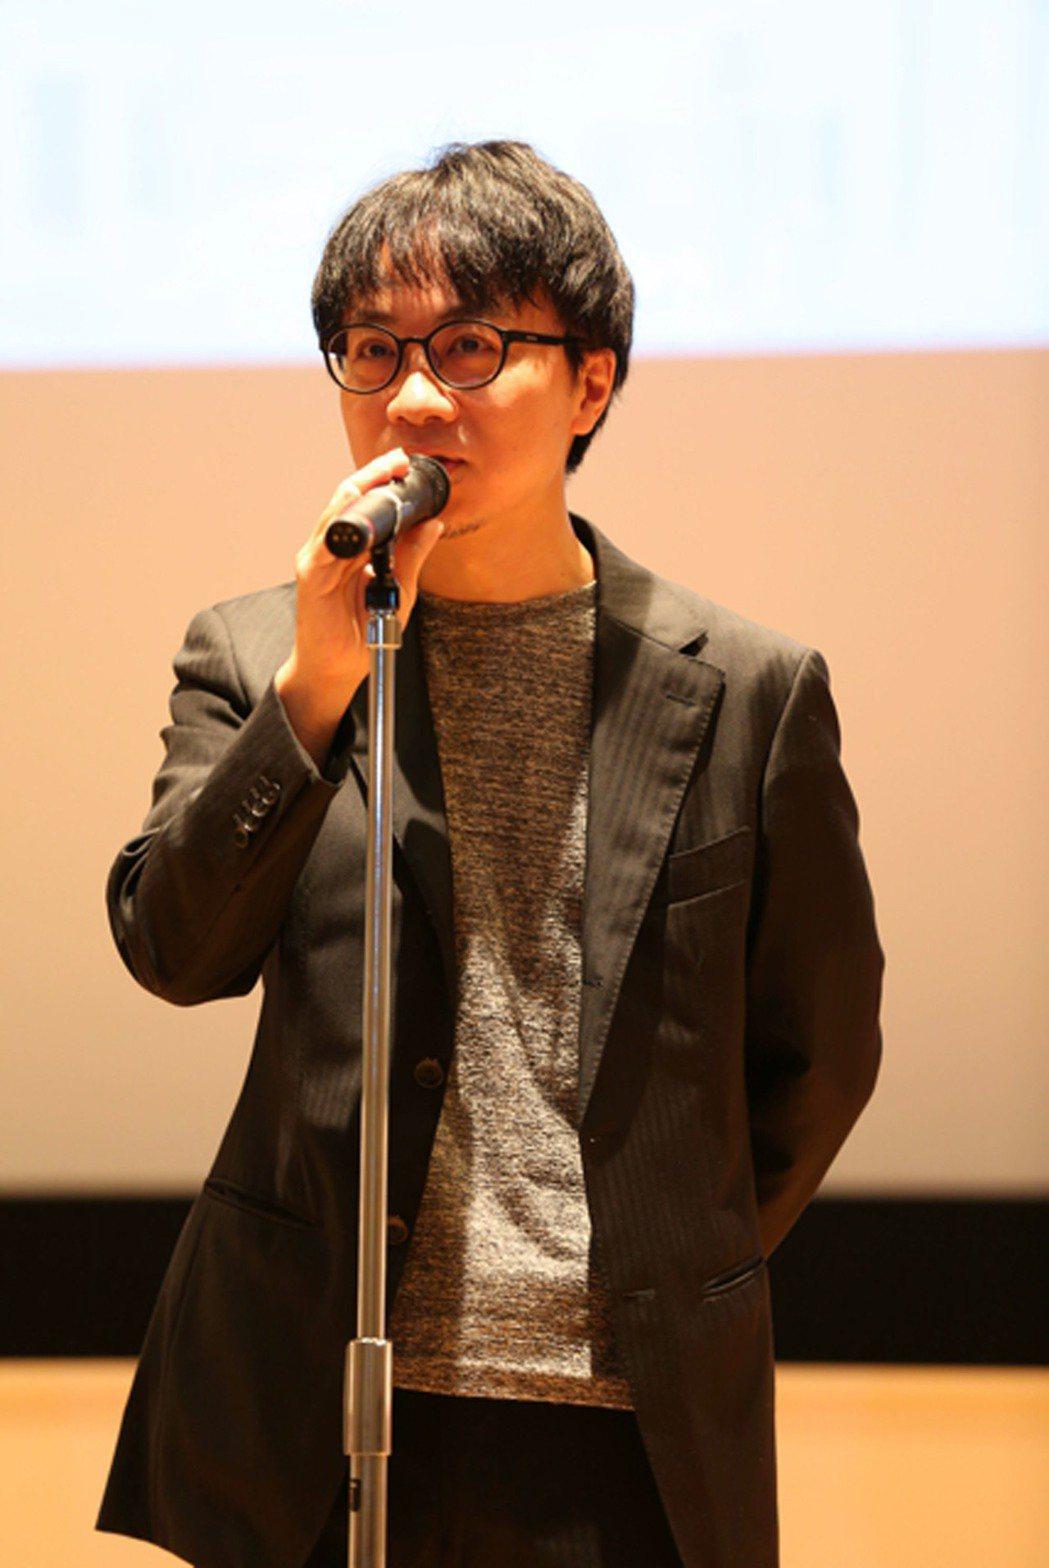 為紀念日本動畫導演新海誠出道15週年,日本國立新美術館特別舉辦「新海誠展 從『星